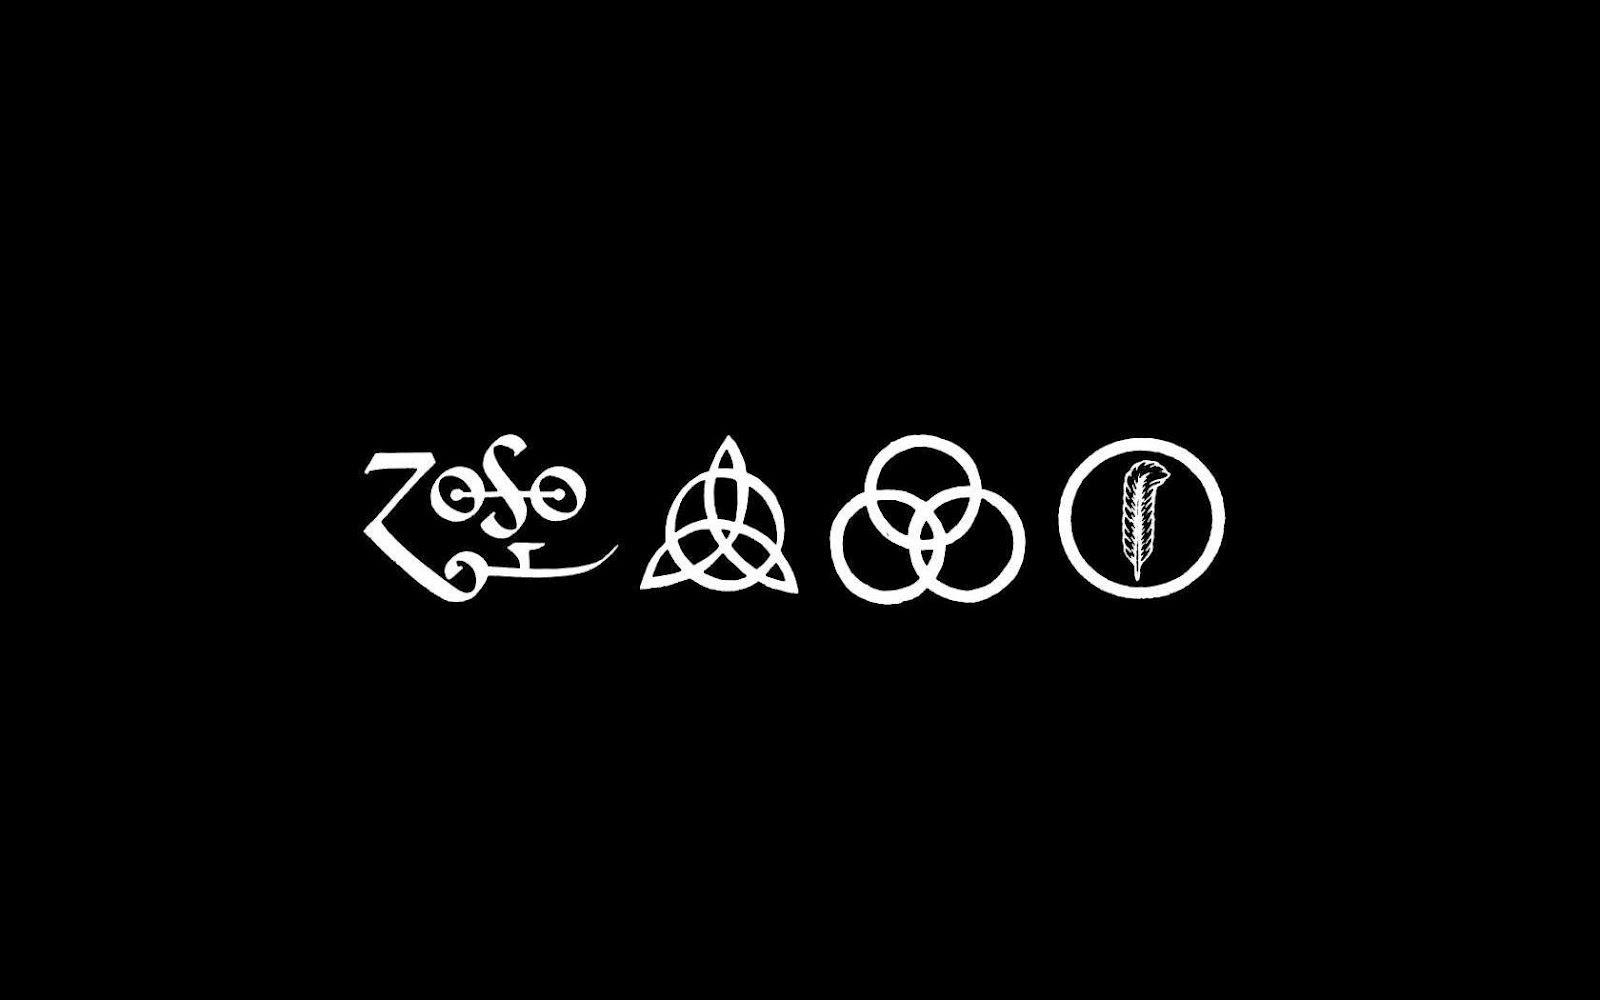 Lex Friki Malacitana Mayo 2012 Simbolos De Led Zeppelin Tatuaje Led Zeppelin Imagenes De Rock